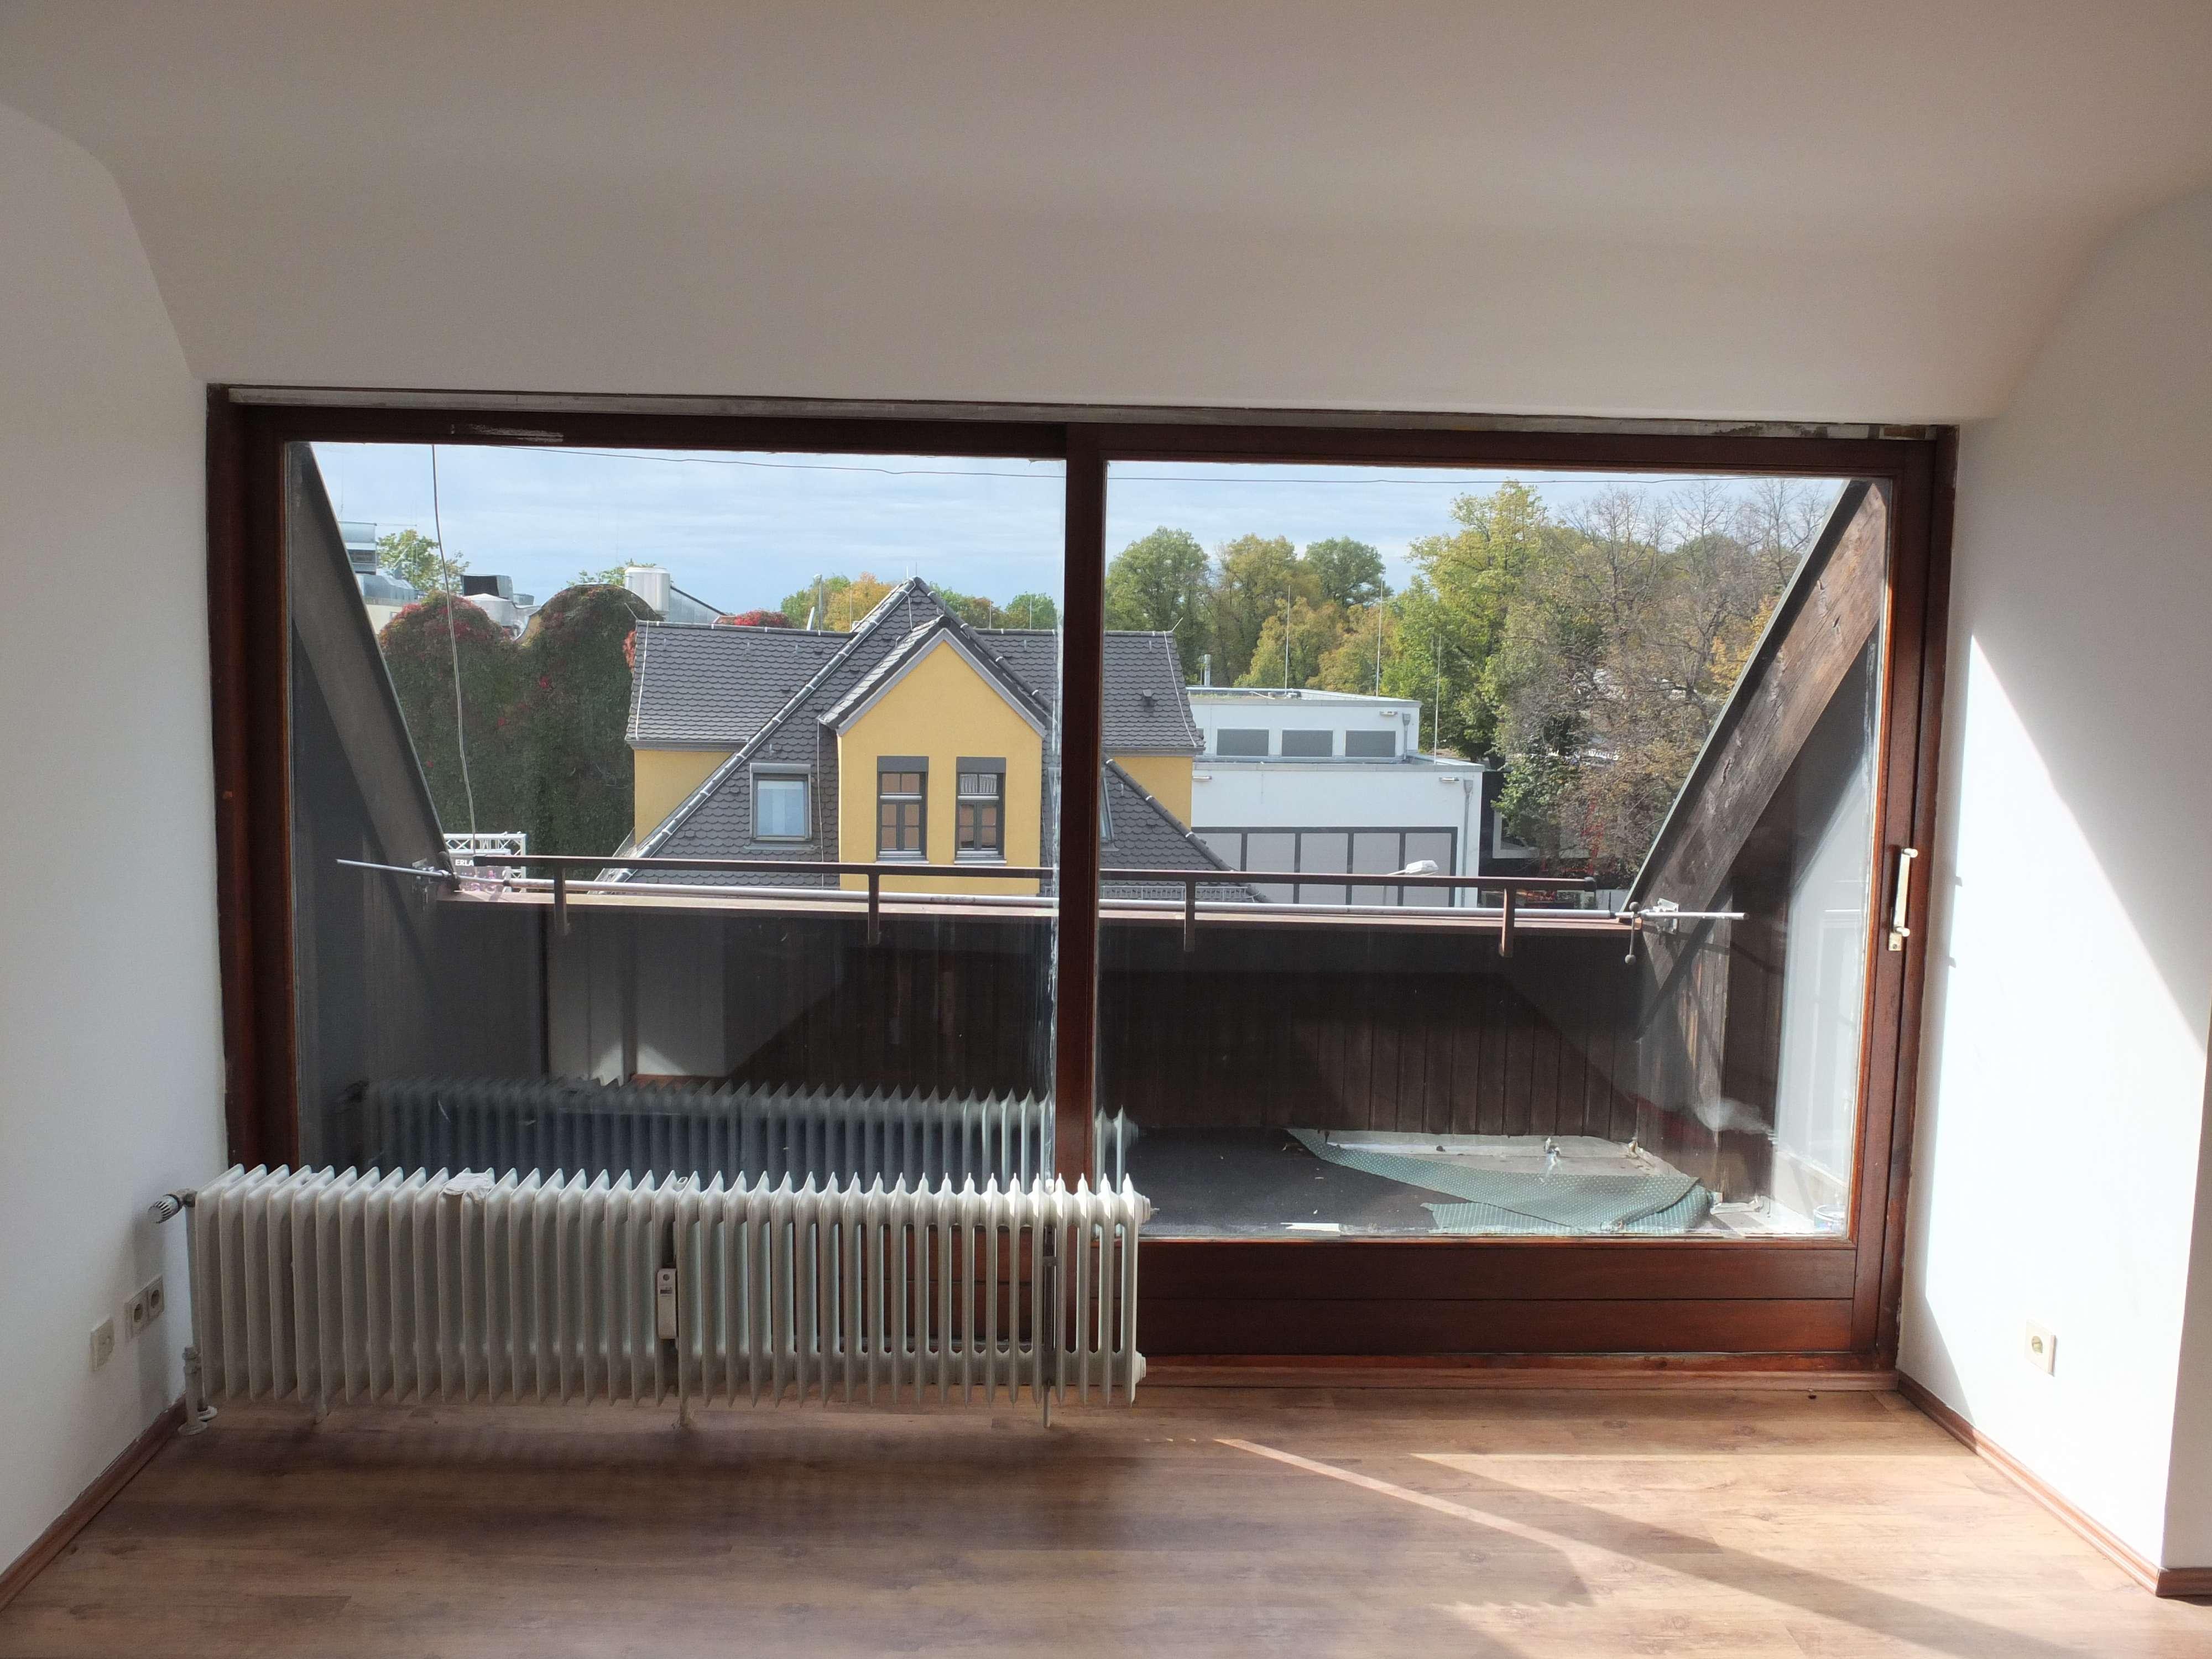 2-Zimmer-DG-Wohnung mit Balkon in Erlangen Zentrum Altstadt in Erlangen - Zentrum (Erlangen)